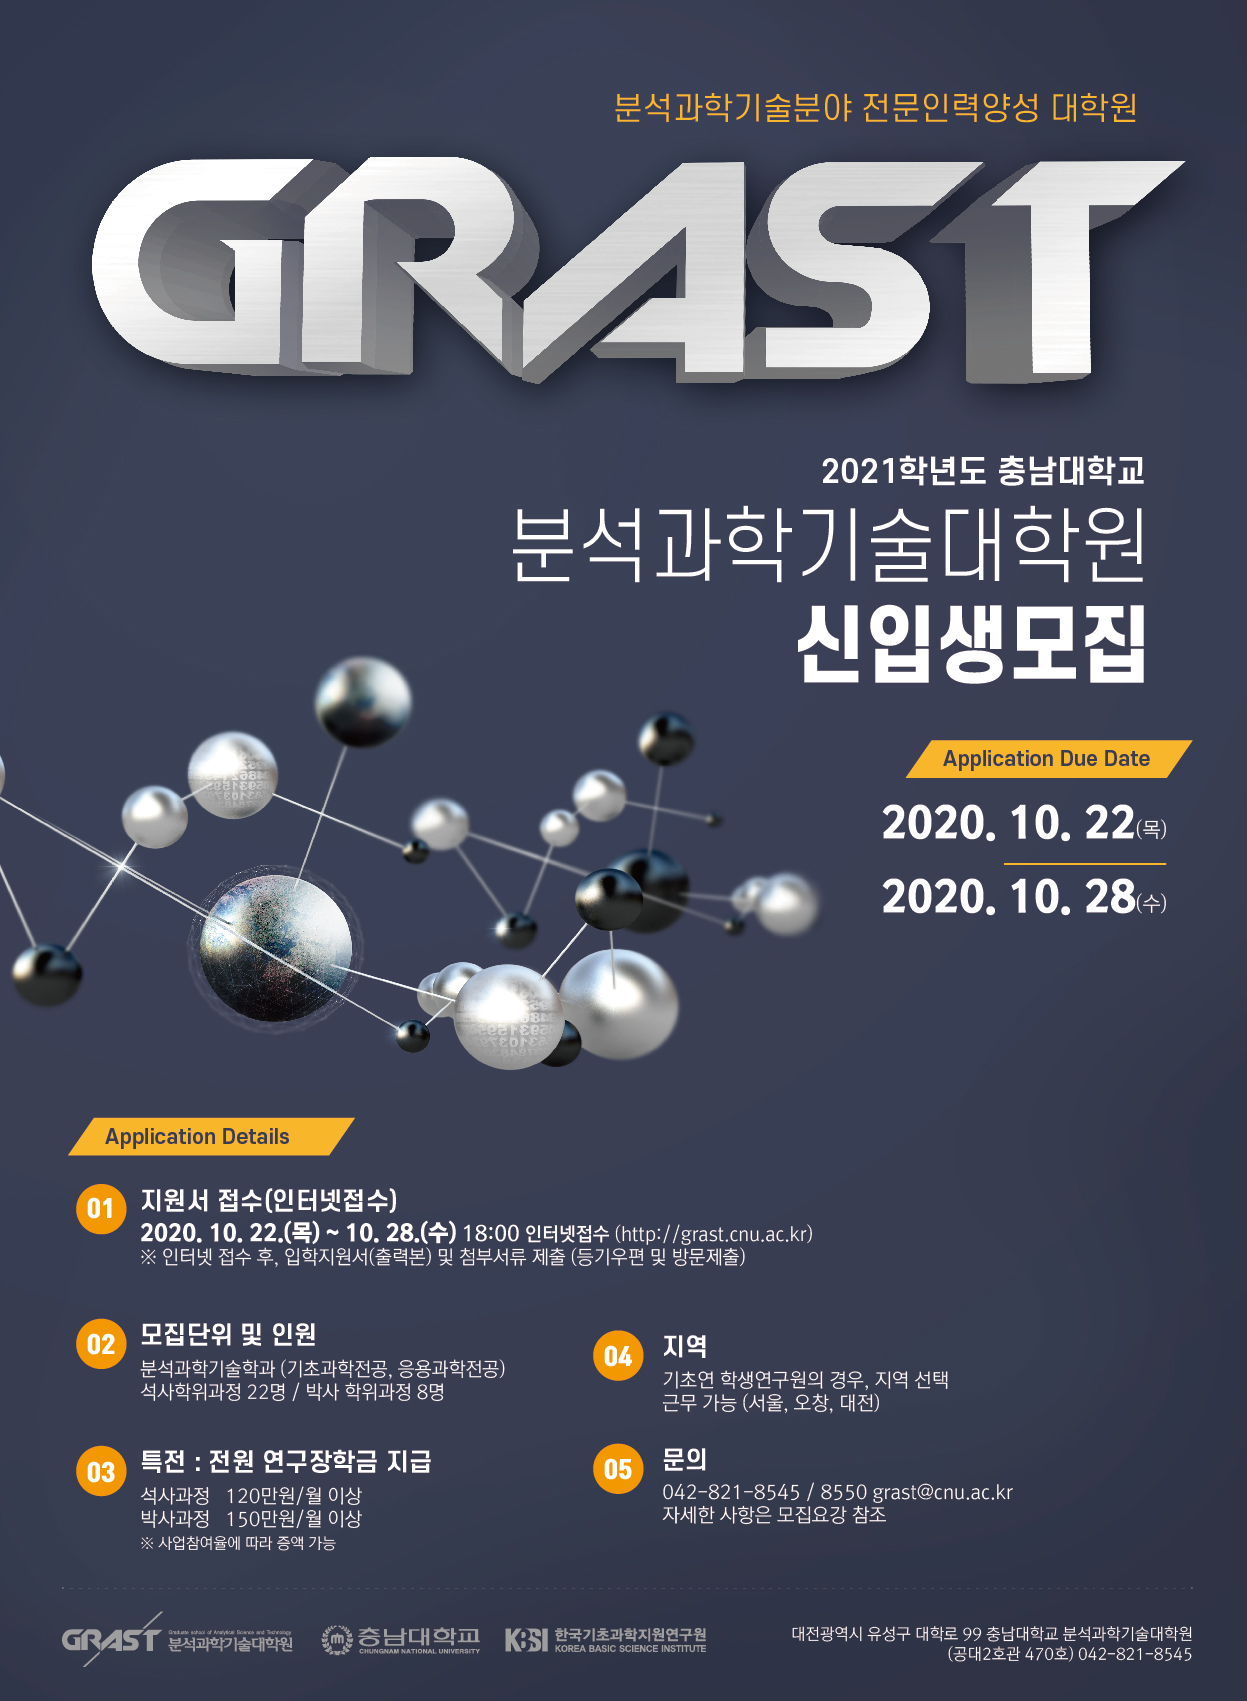 (붙임3) 포스터_2021 신입생모집.jpg